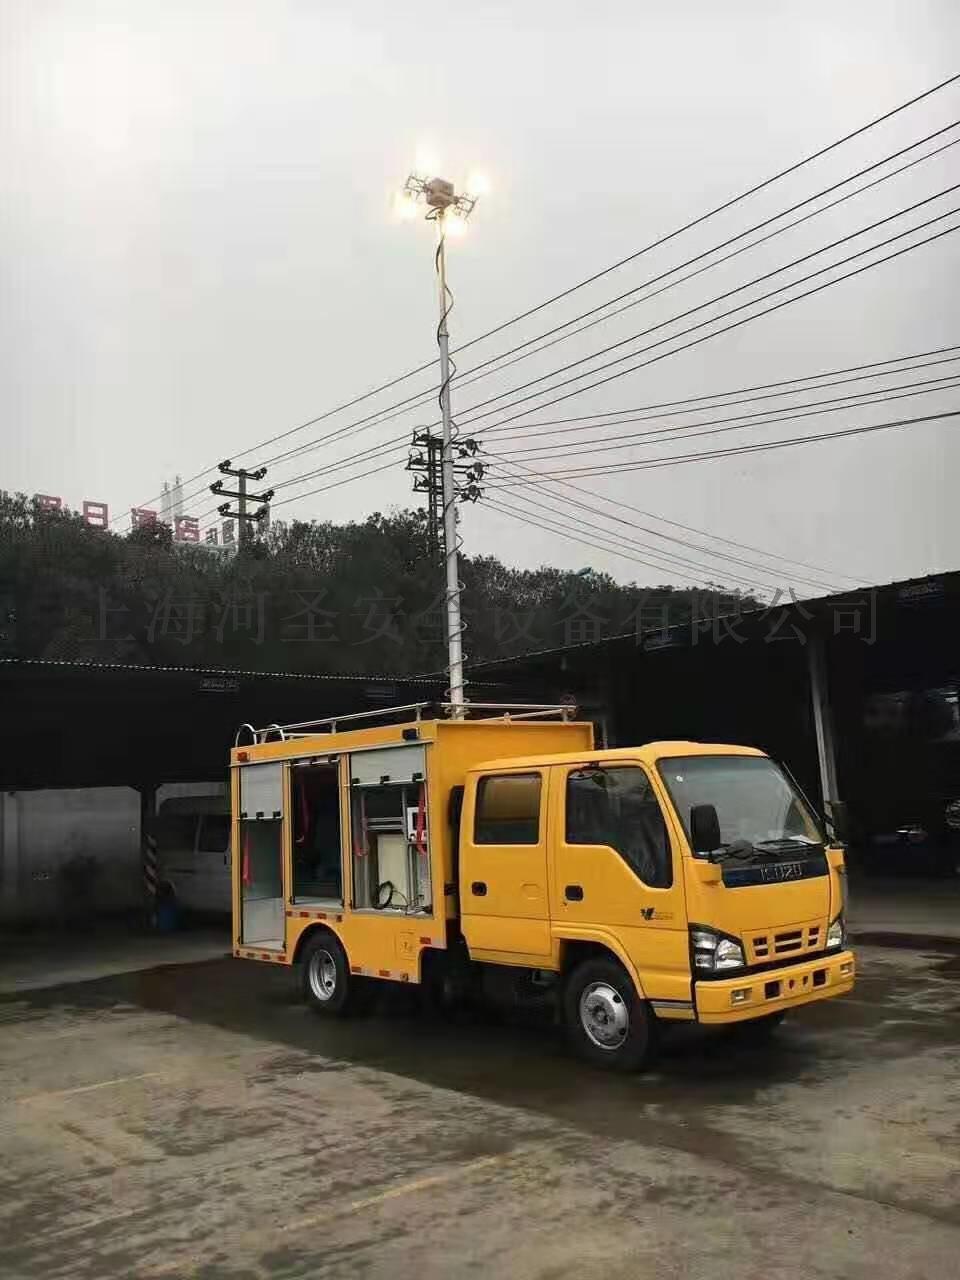 上海河圣GD-65-2000移动升降照明灯108417452